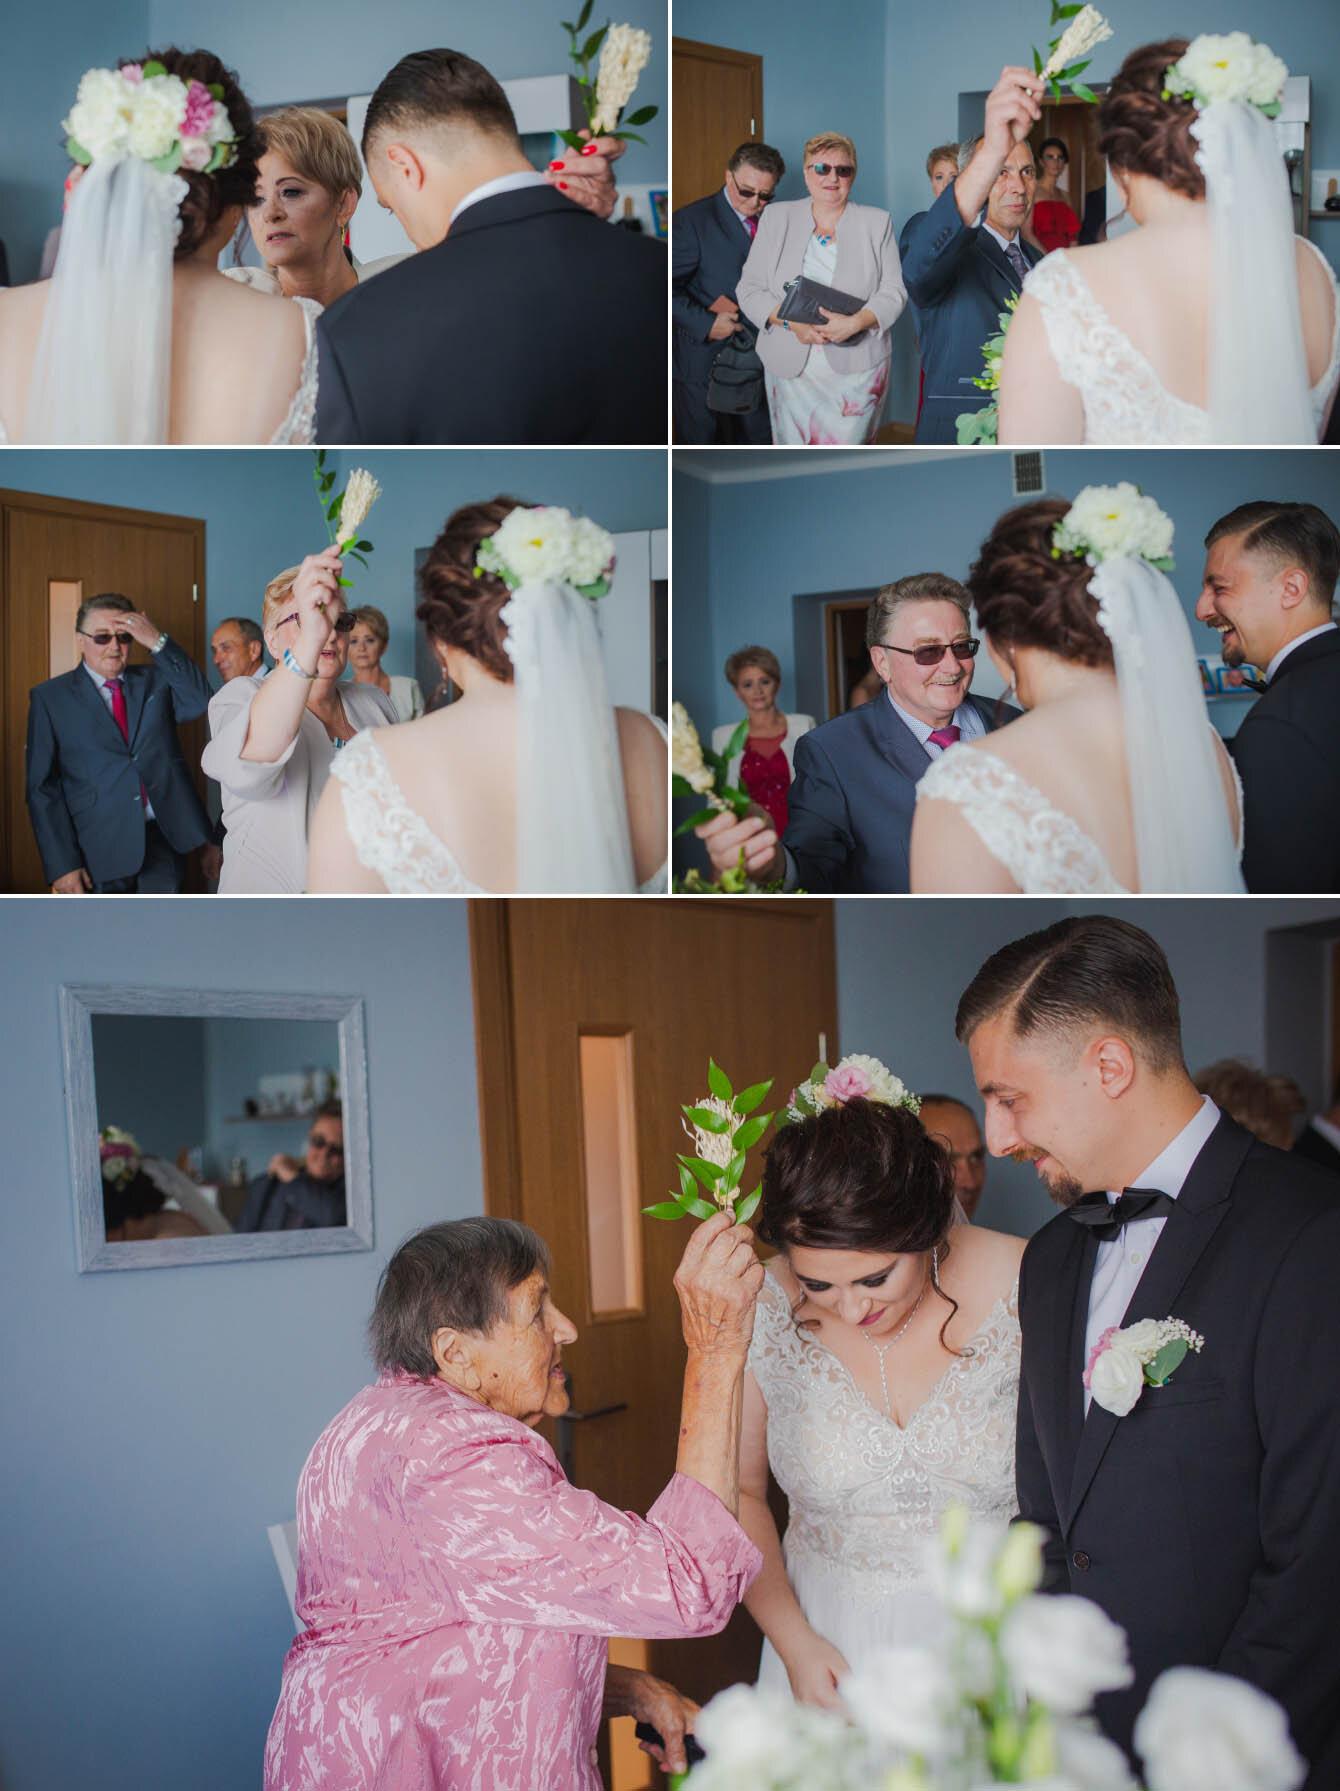 Fotografie ślubne Marka i Angeliki w domu weselnym pod Grzybkiem fotograf Bartek Wyrobek  9.jpg